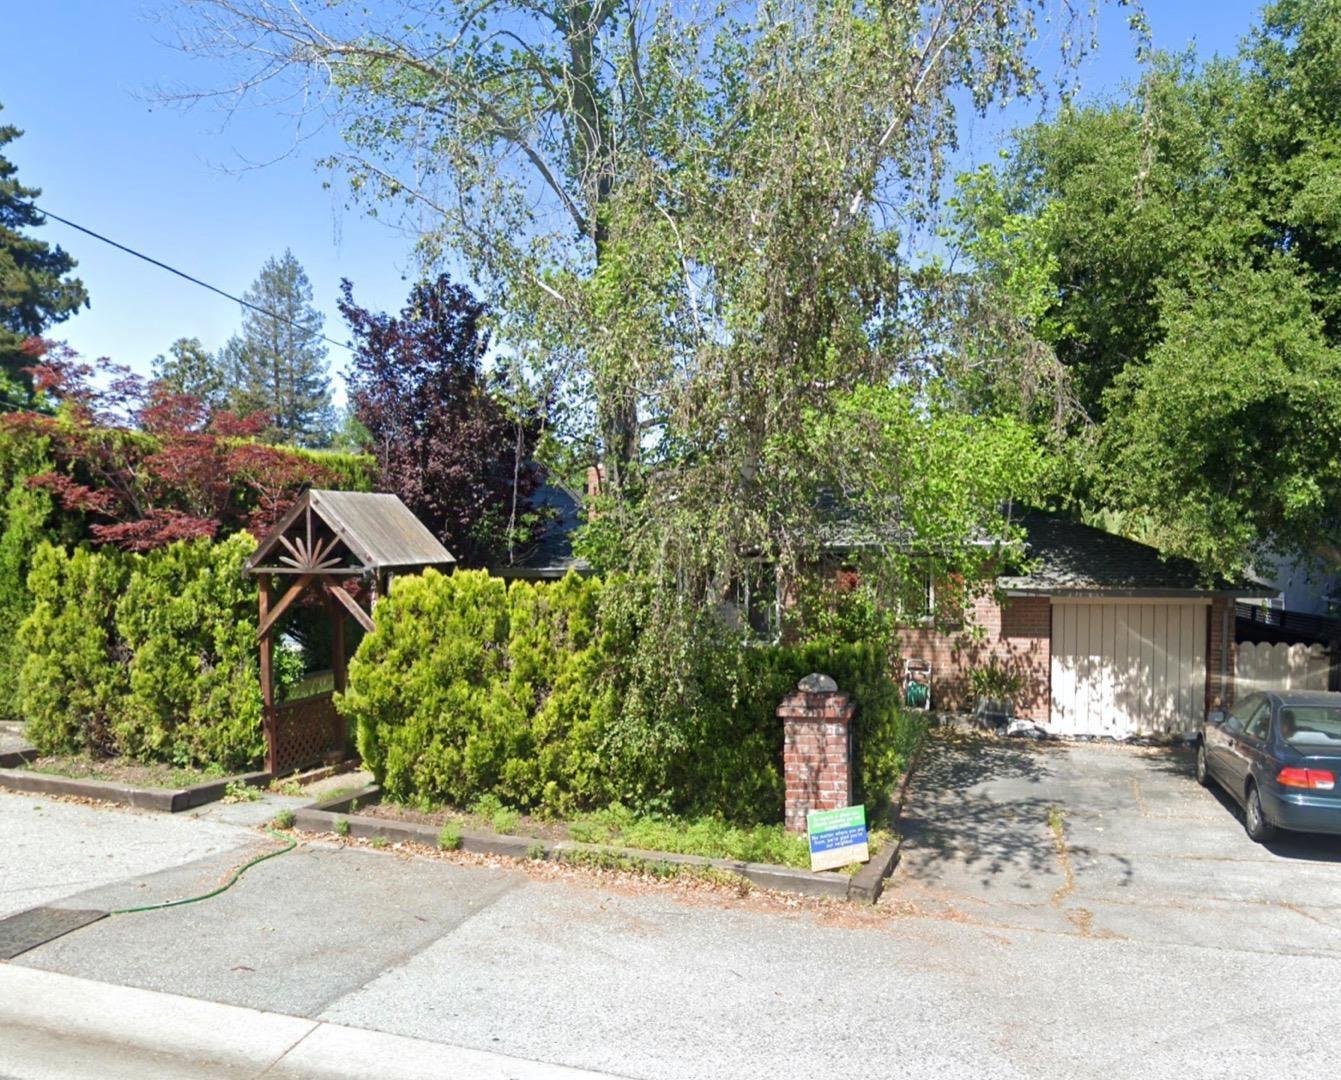 Photo for 2124 Ashton AVE, MENLO PARK, CA 94025 (MLS # ML81819268)